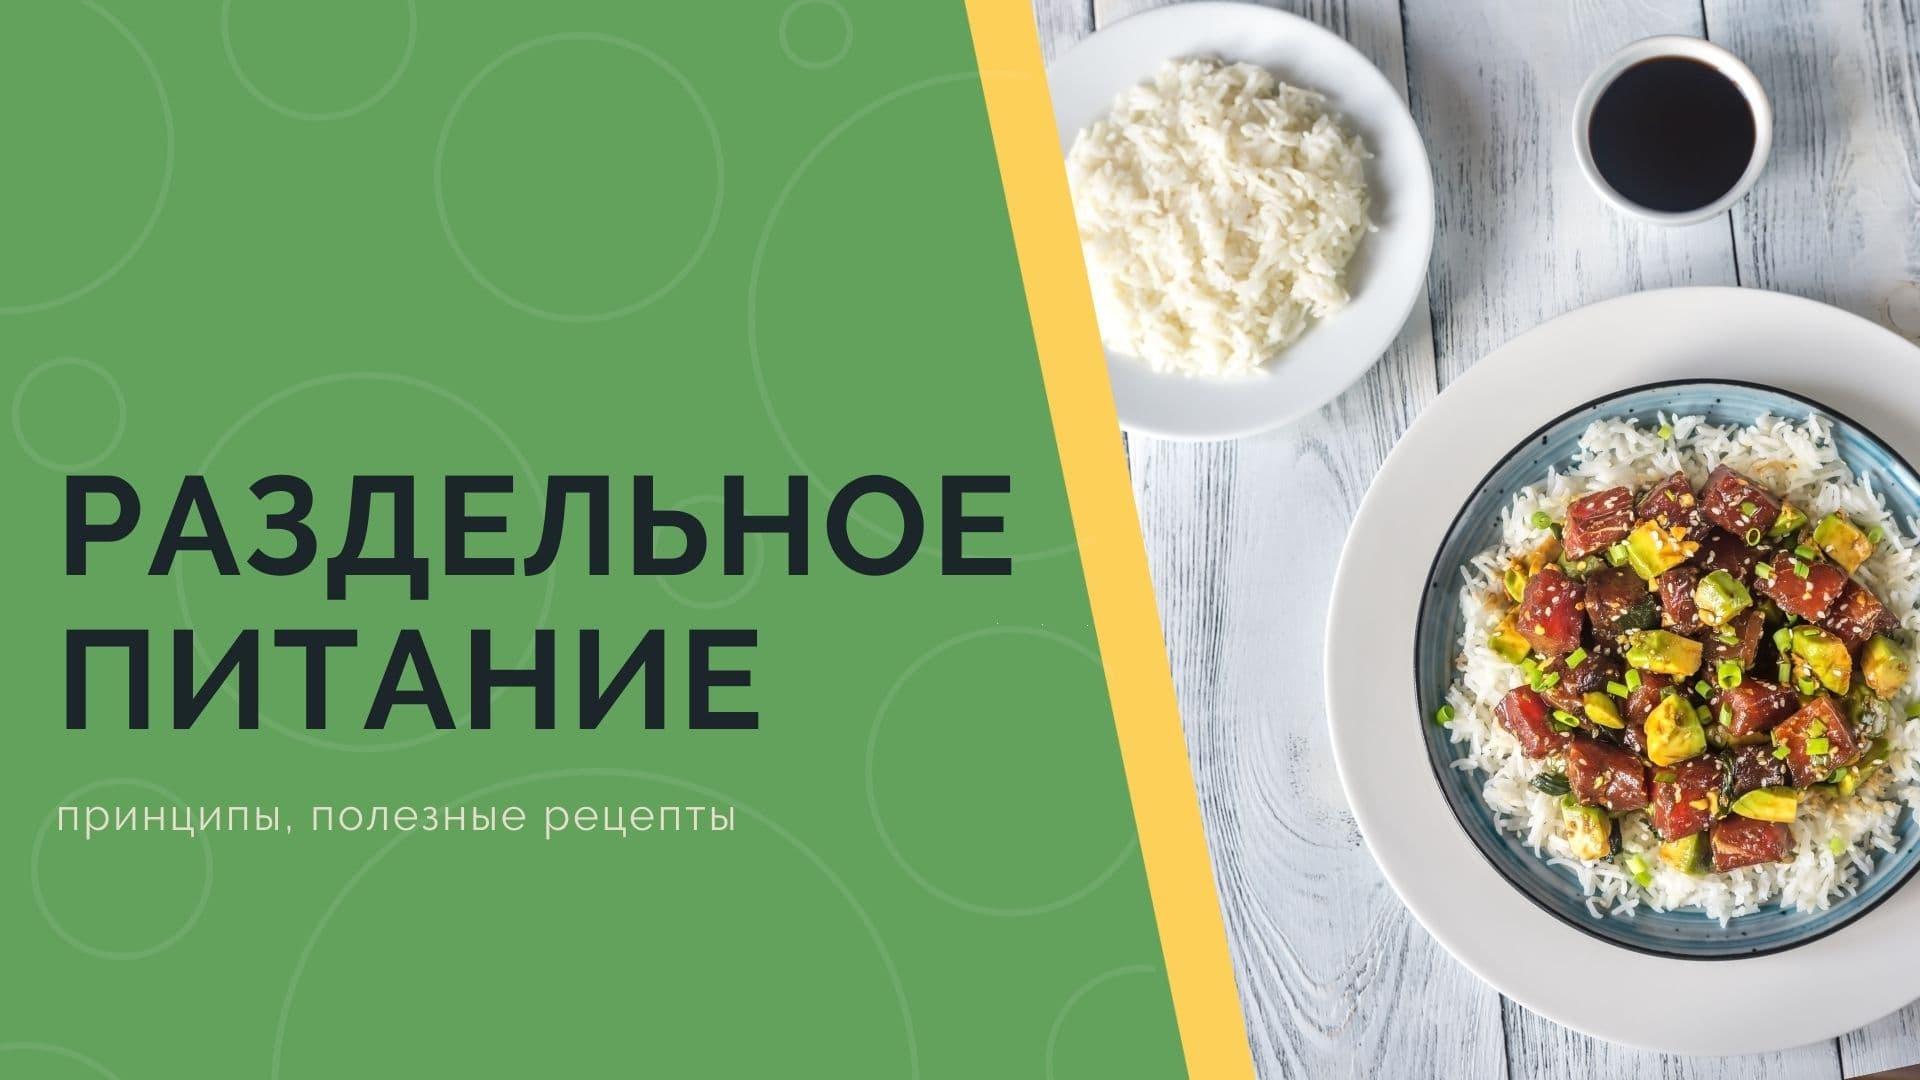 Раздельное питание: принципы, полезные рецепты